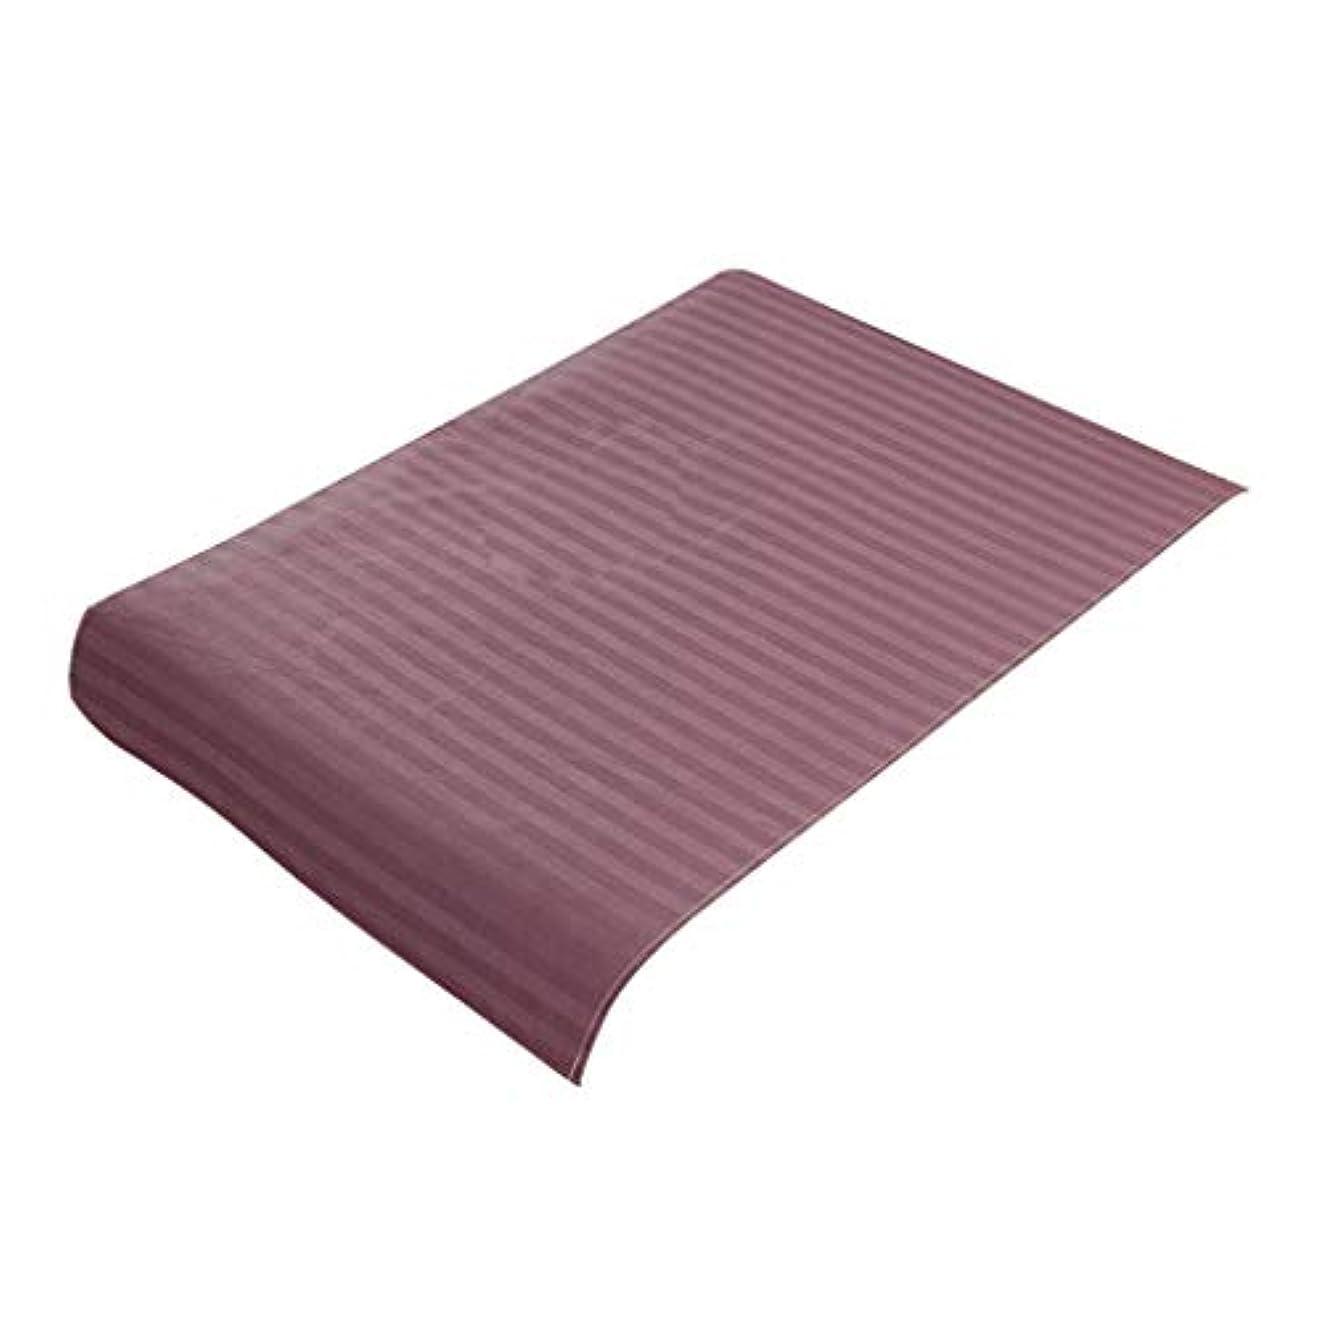 北一貫性のない輪郭美容ベッドカバー マッサージ台スカート コットン生地 スパ マッサージベッドカバー 全7色 - 紫